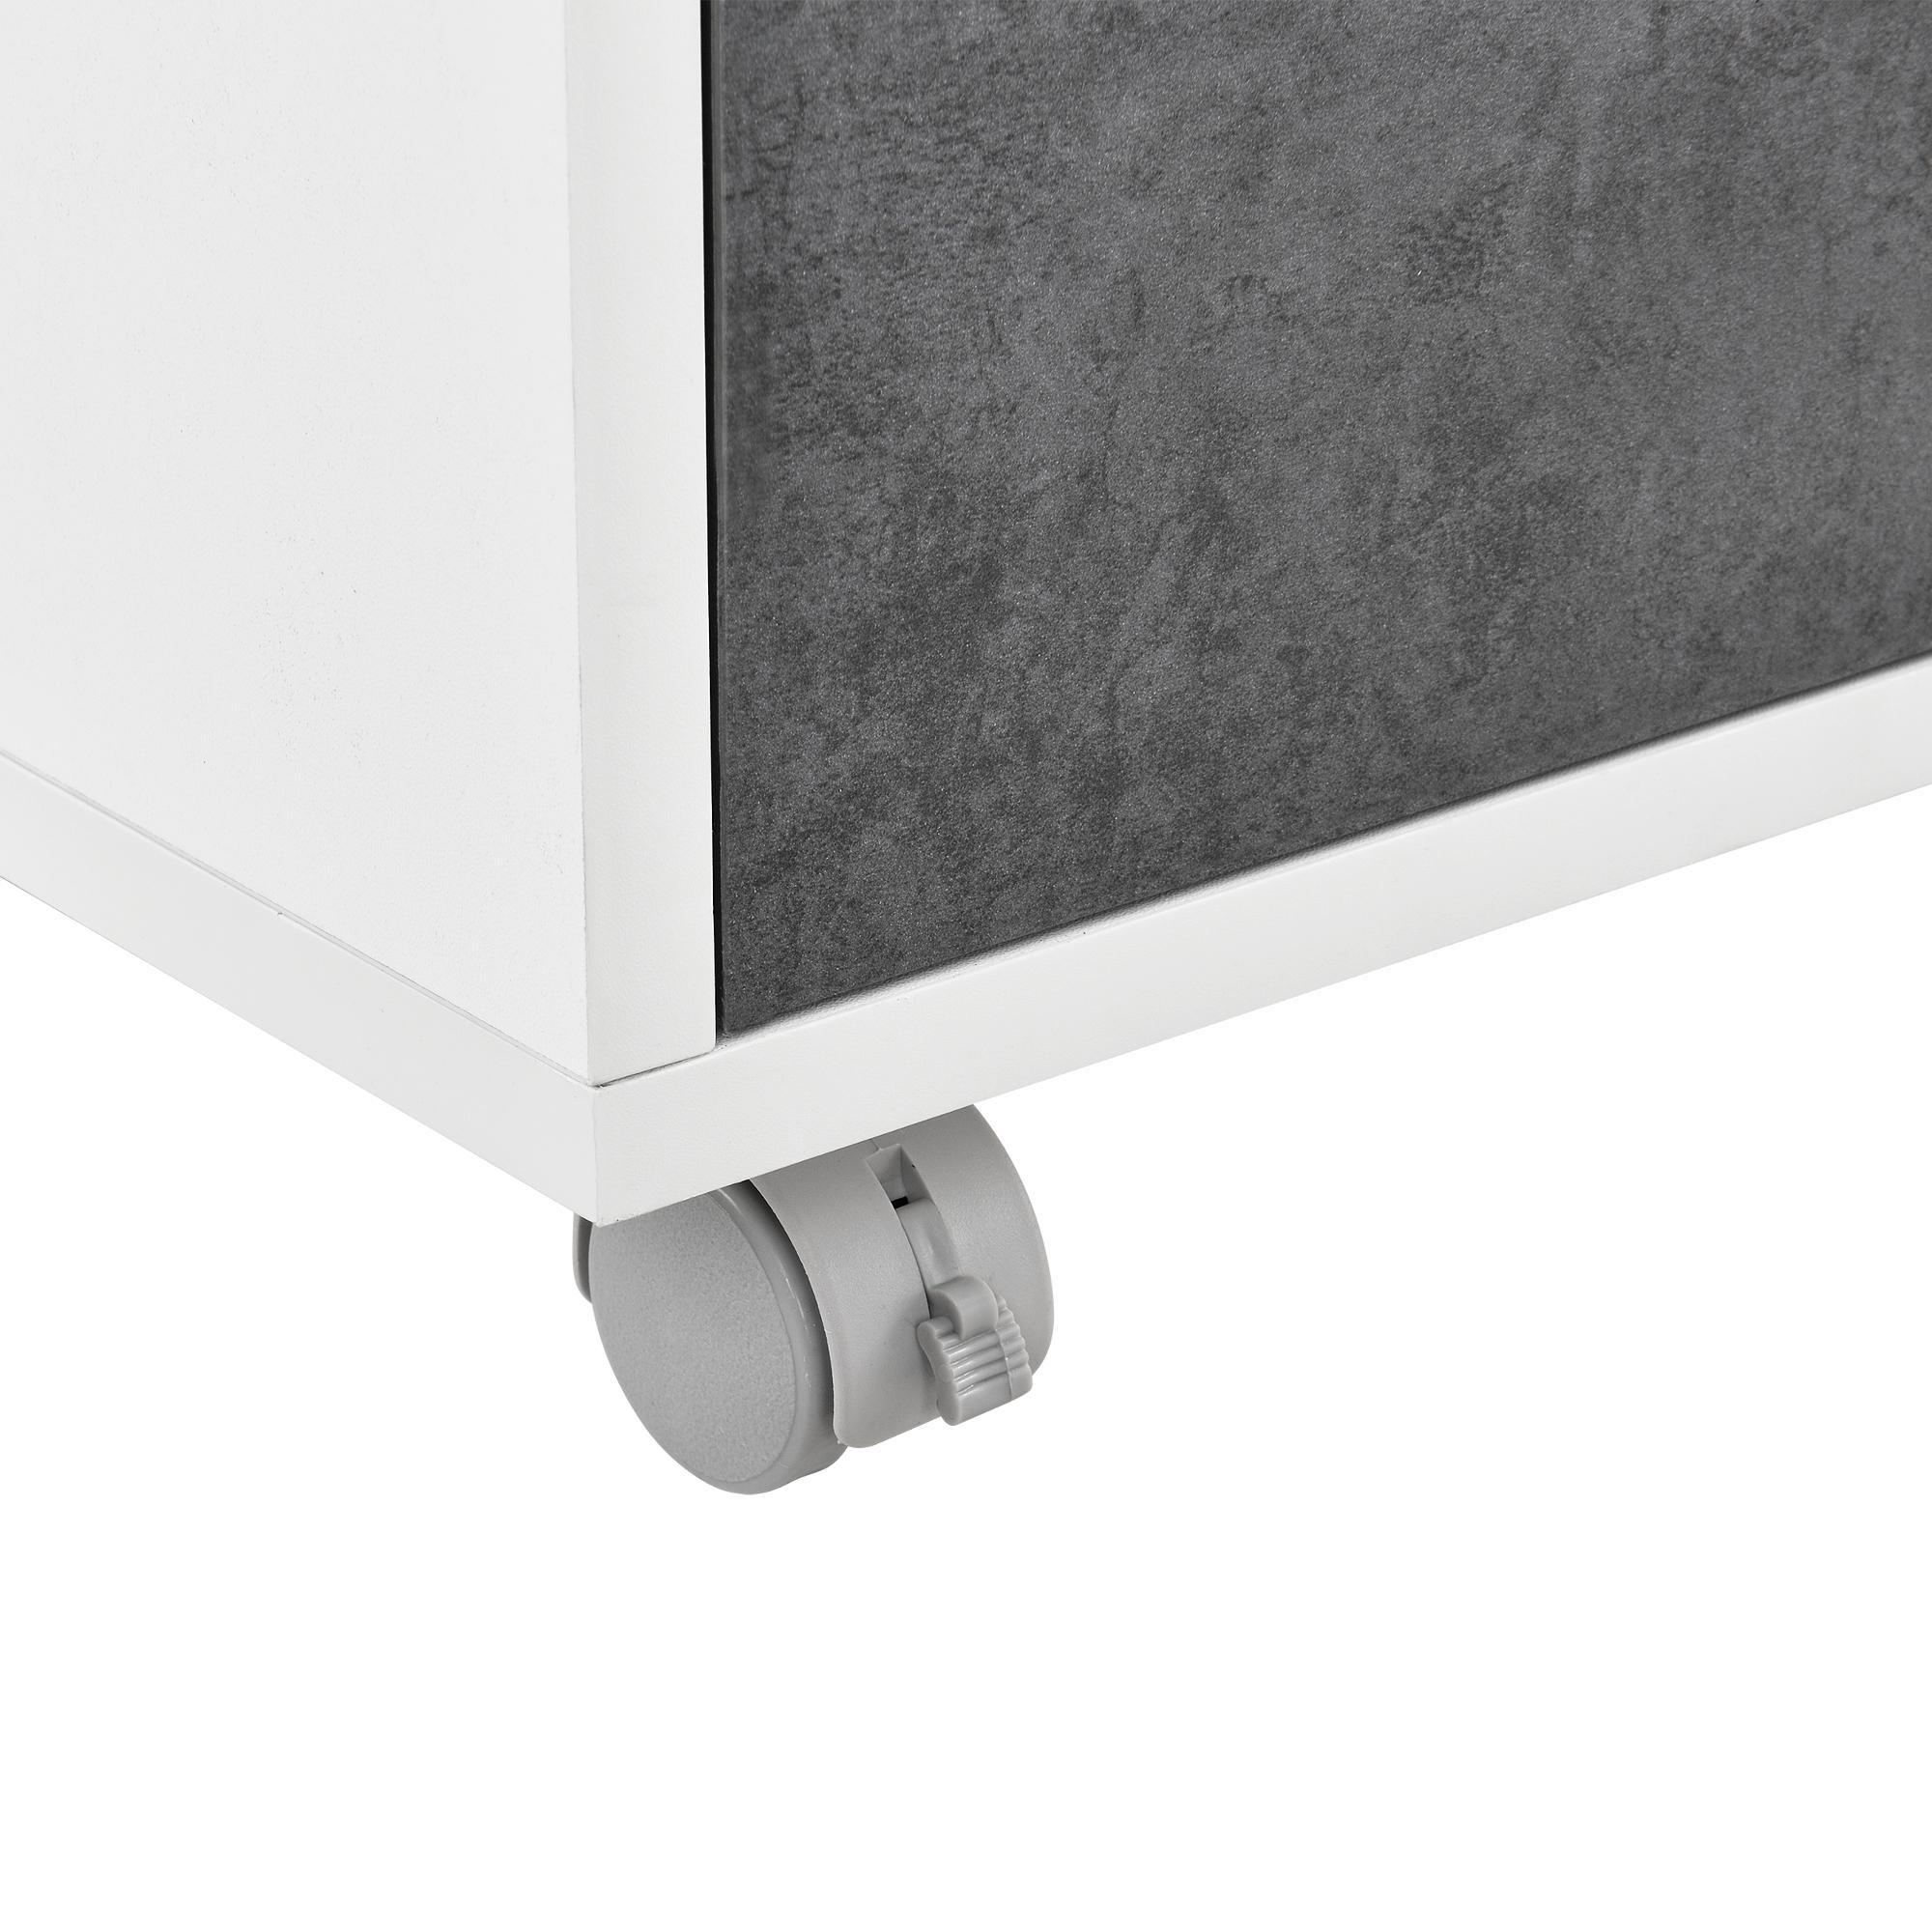 highboard kommode sideboard schrank wei eiche grau beistelltisch ebay. Black Bedroom Furniture Sets. Home Design Ideas